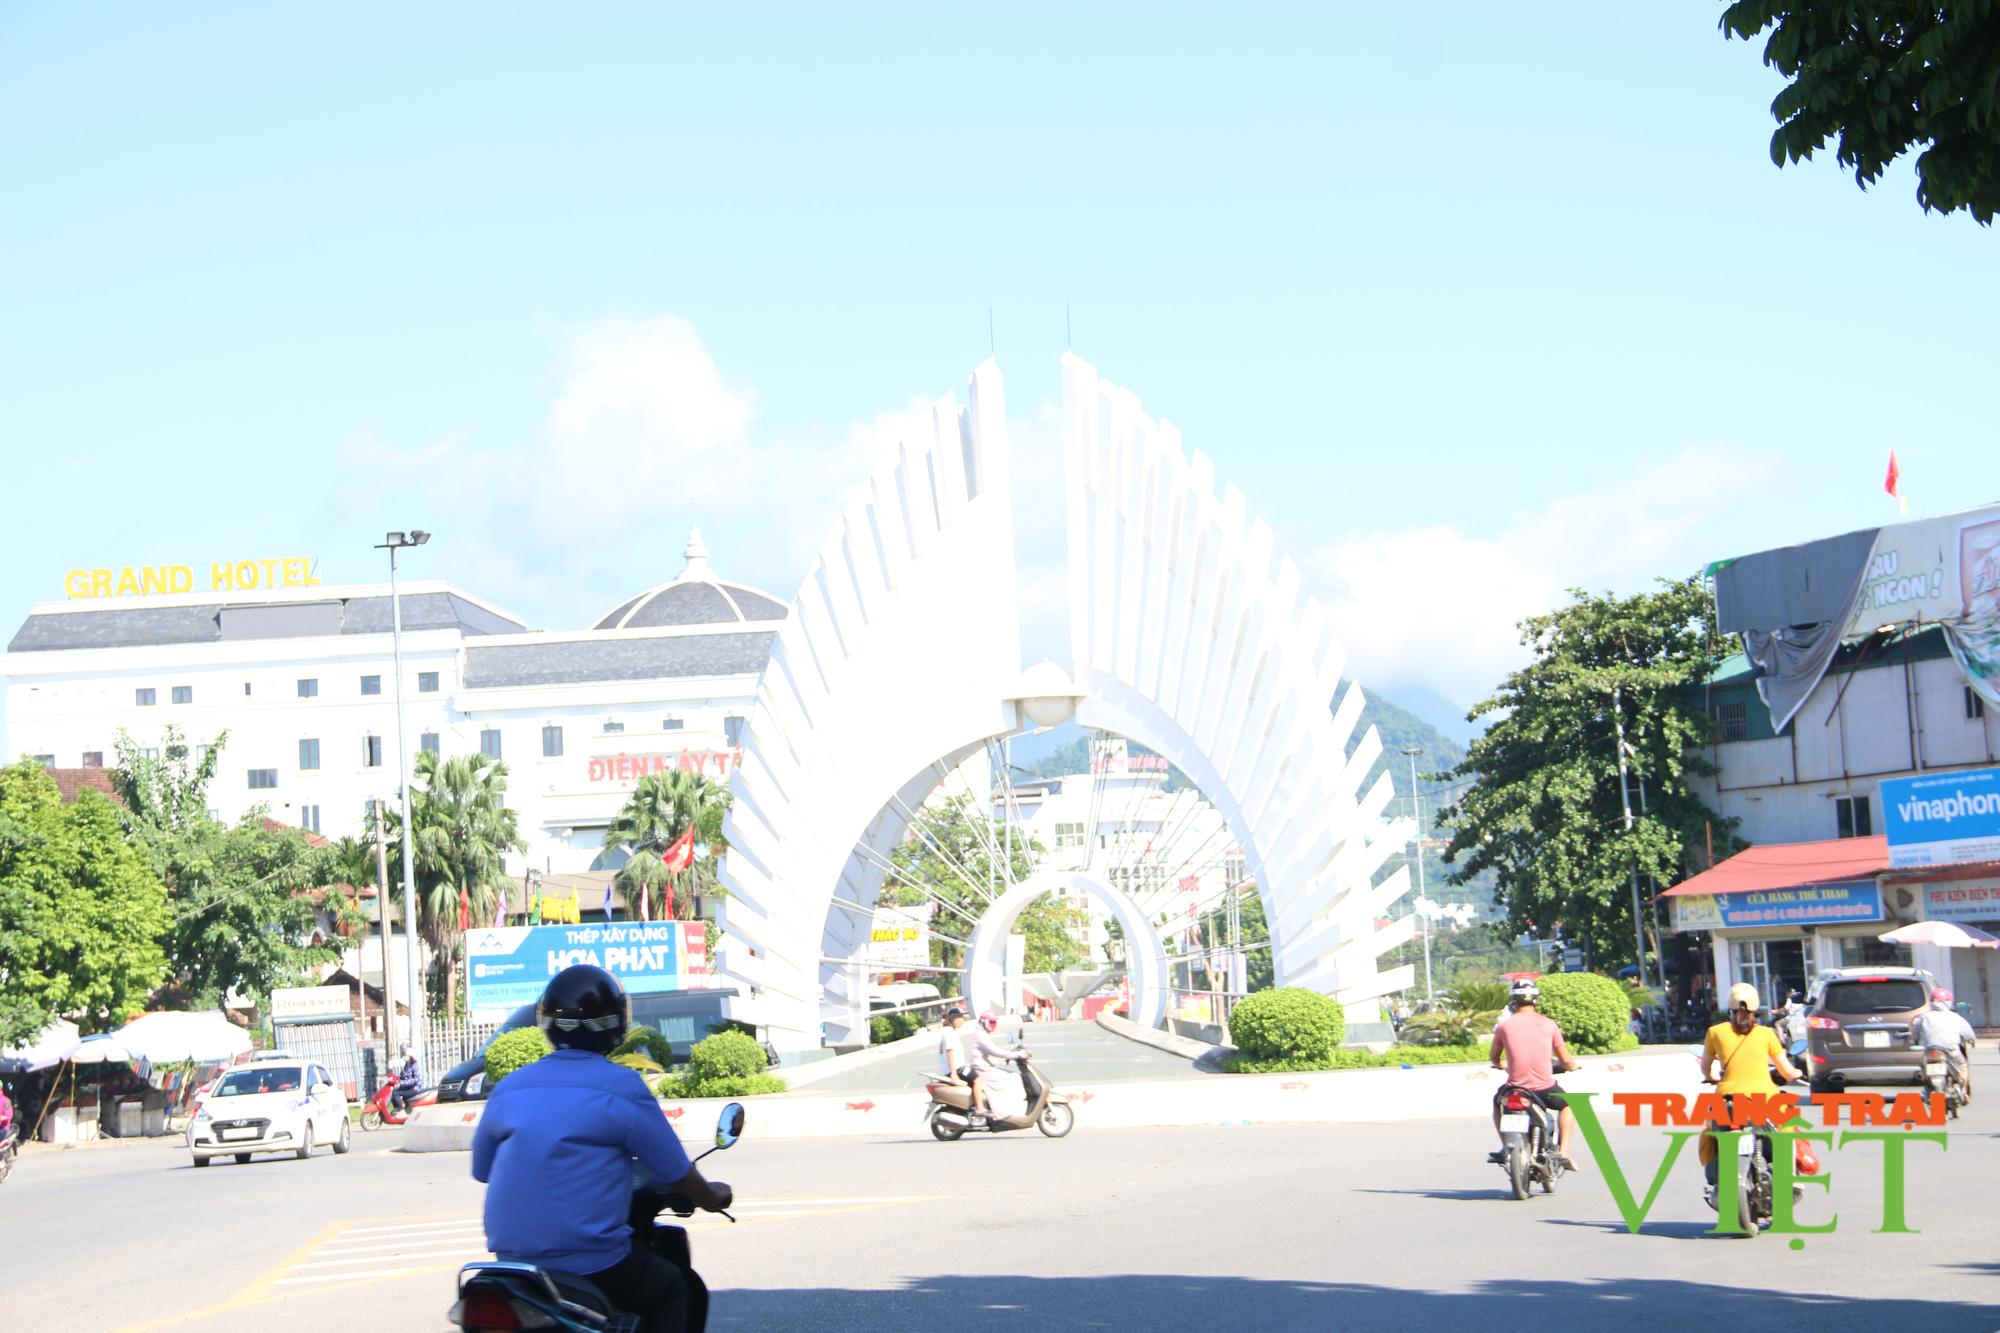 Thành phố Hoà Bình: Cho phép nhà hàng, quán ăn, khách sạn hoạt động trở lại với 50% công suất - Ảnh 1.